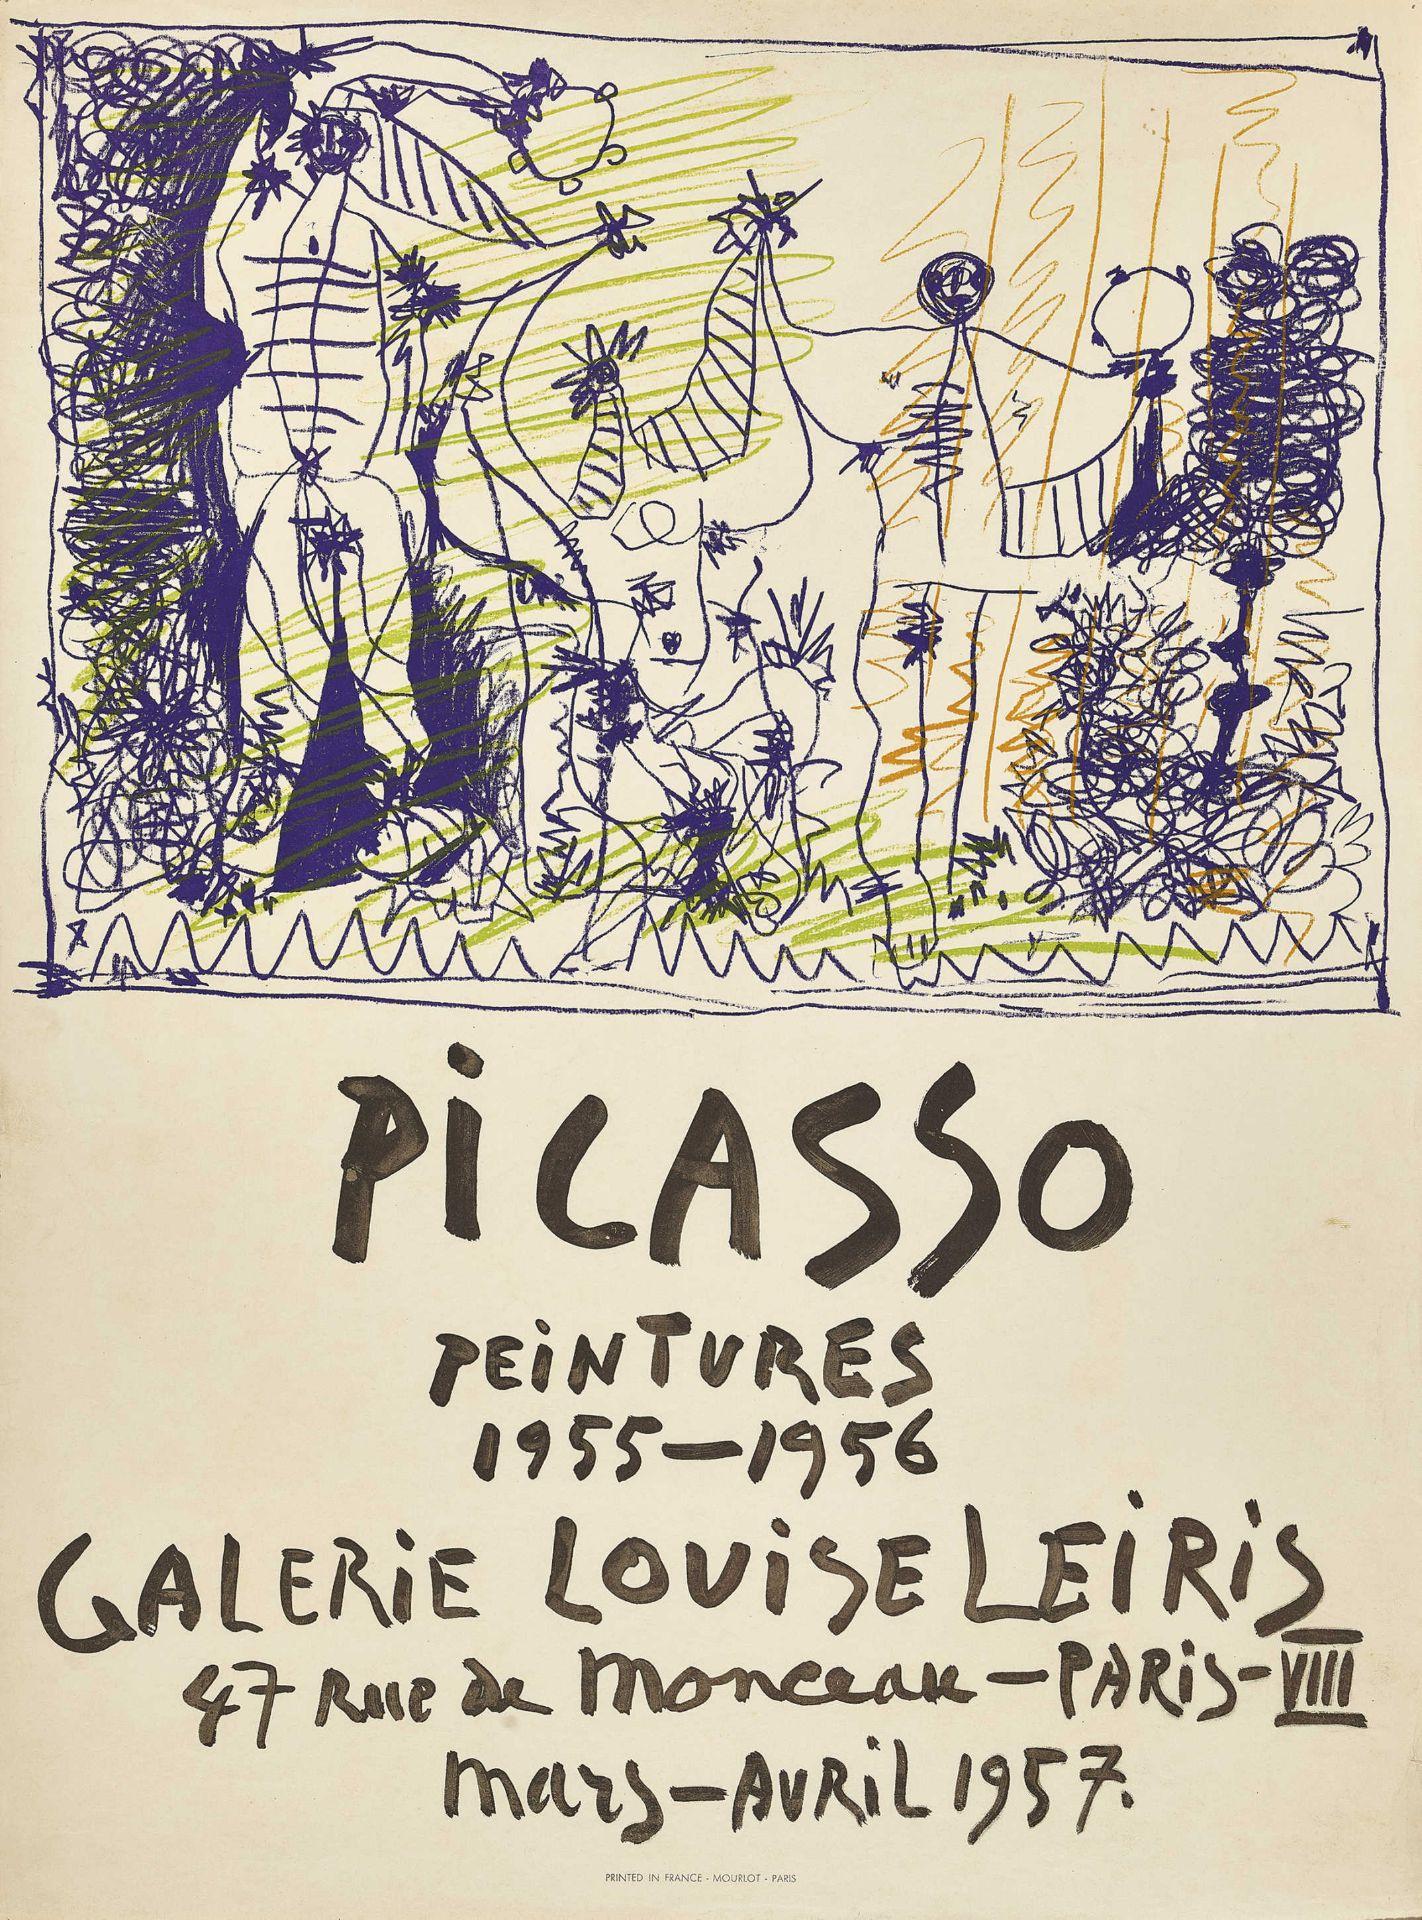 """PICASSO, PABLO: """"Picasso peintures 1955-1956 Galerie Louise Leiris 1957""""."""